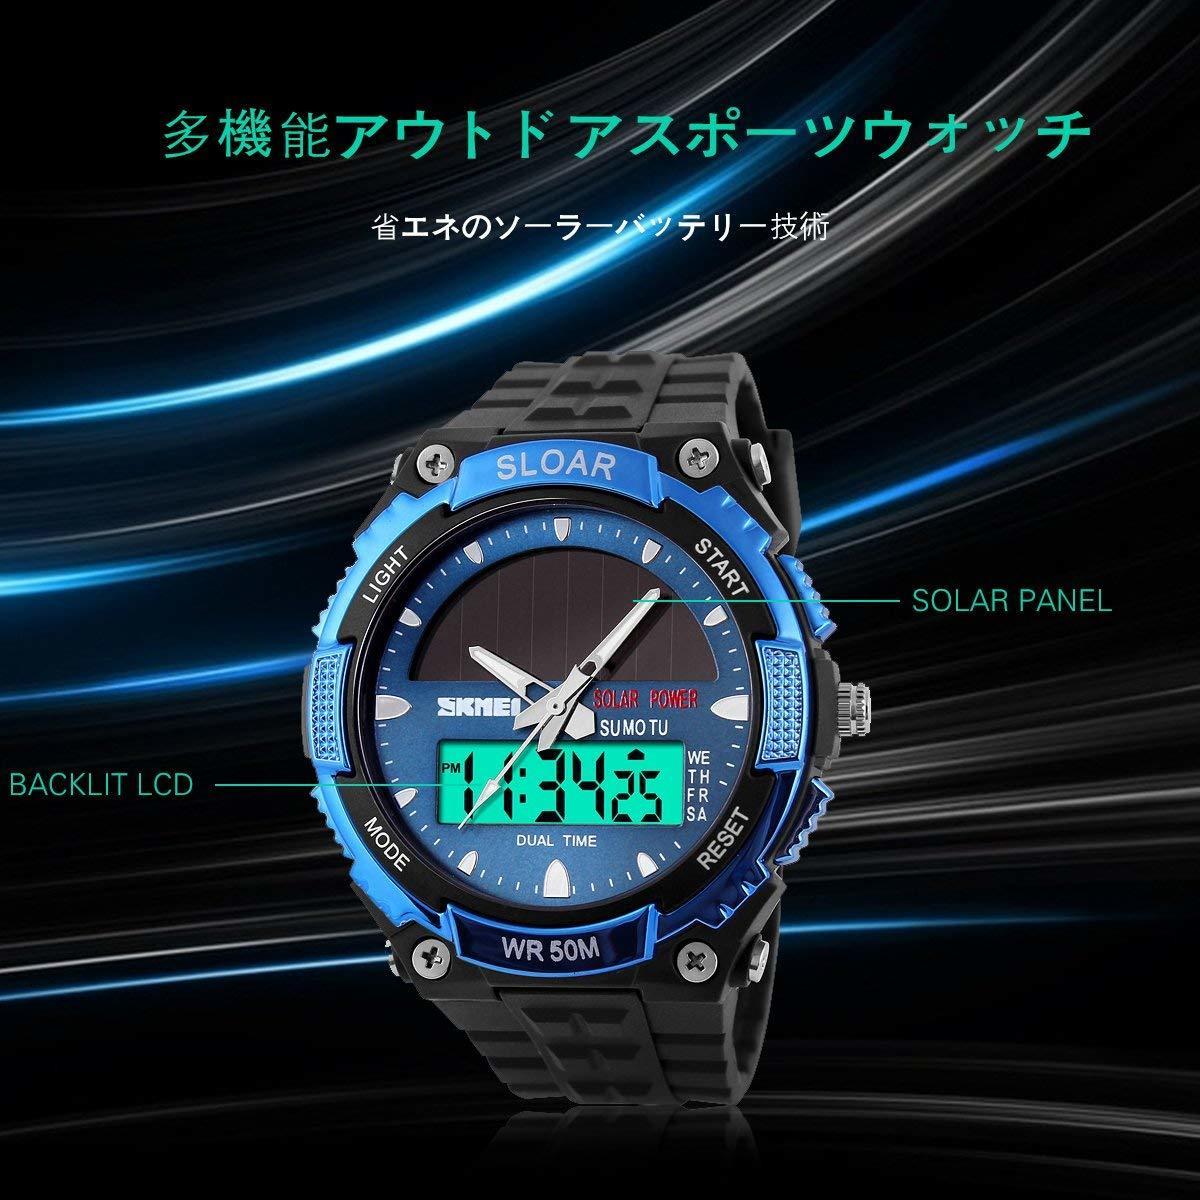 49blue ソーラー腕時計 メンズ デジアナウォッチ スポーツ 人気ブランド おしゃれ ファション クロノグラフ シリコン [_画像6